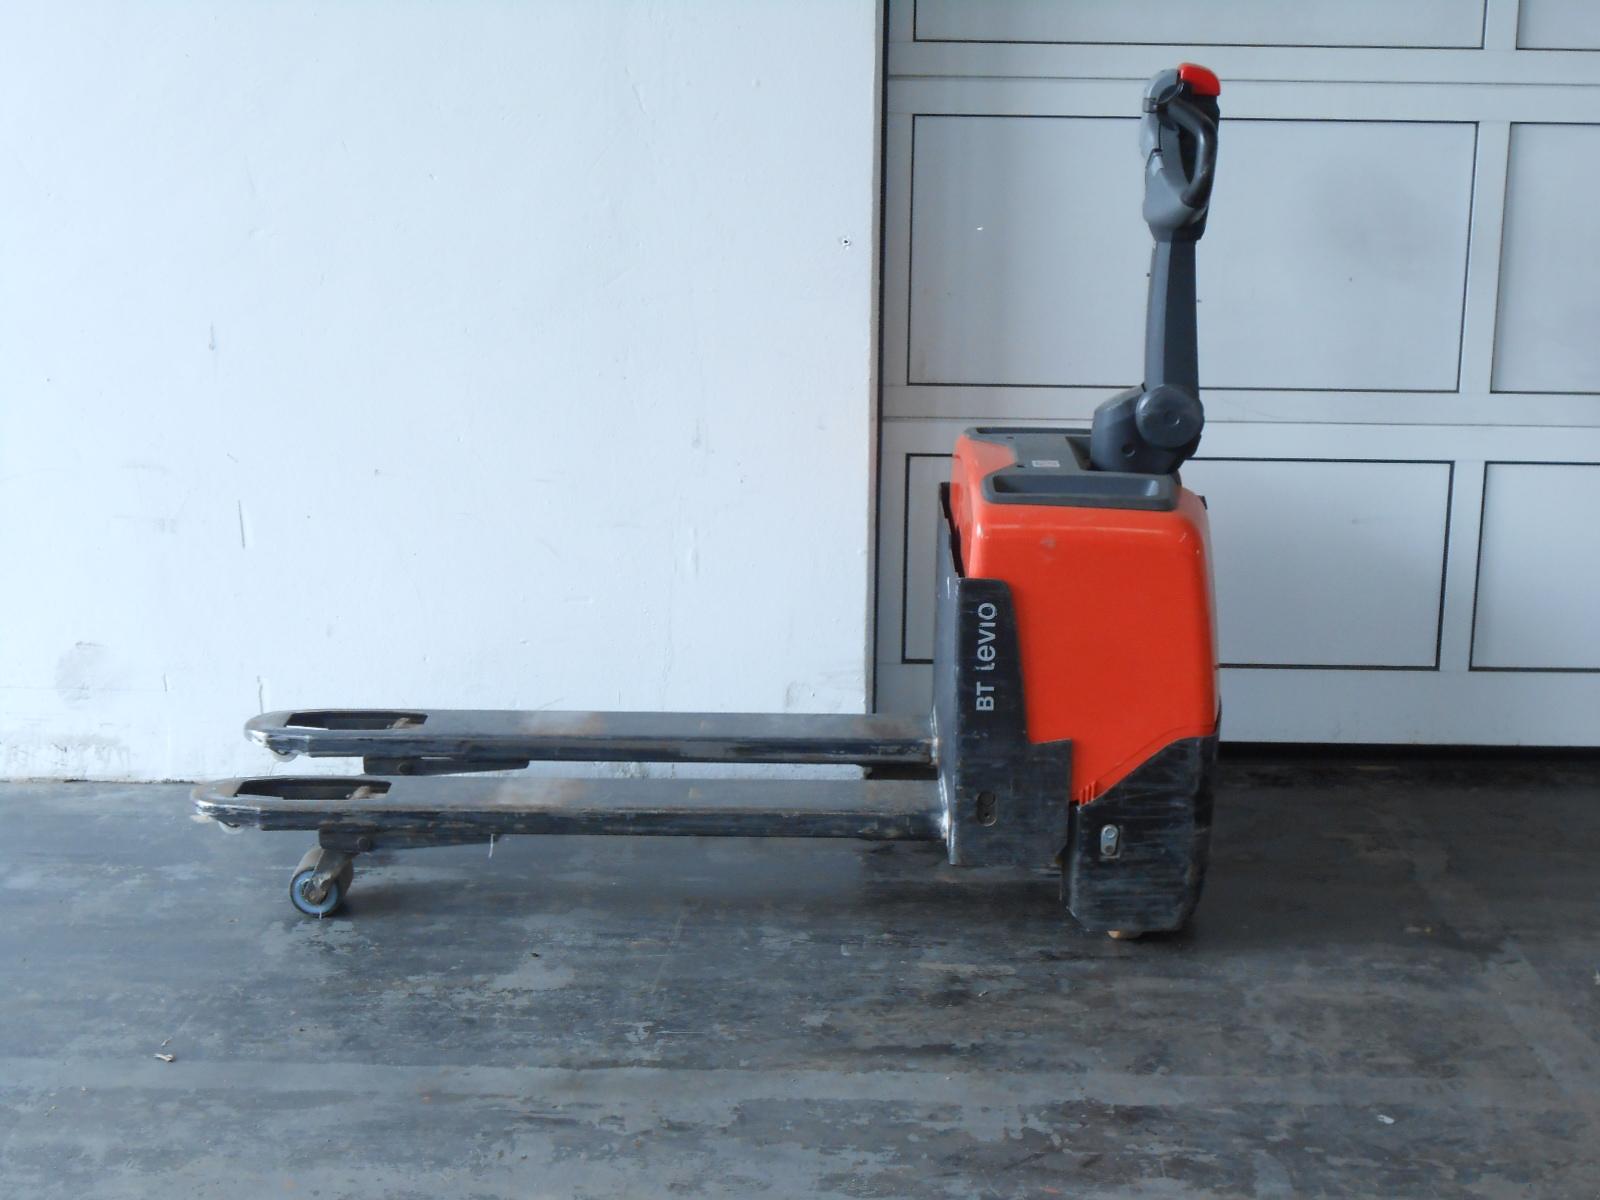 Toyota-Gabelstapler-59840 1807017758 1